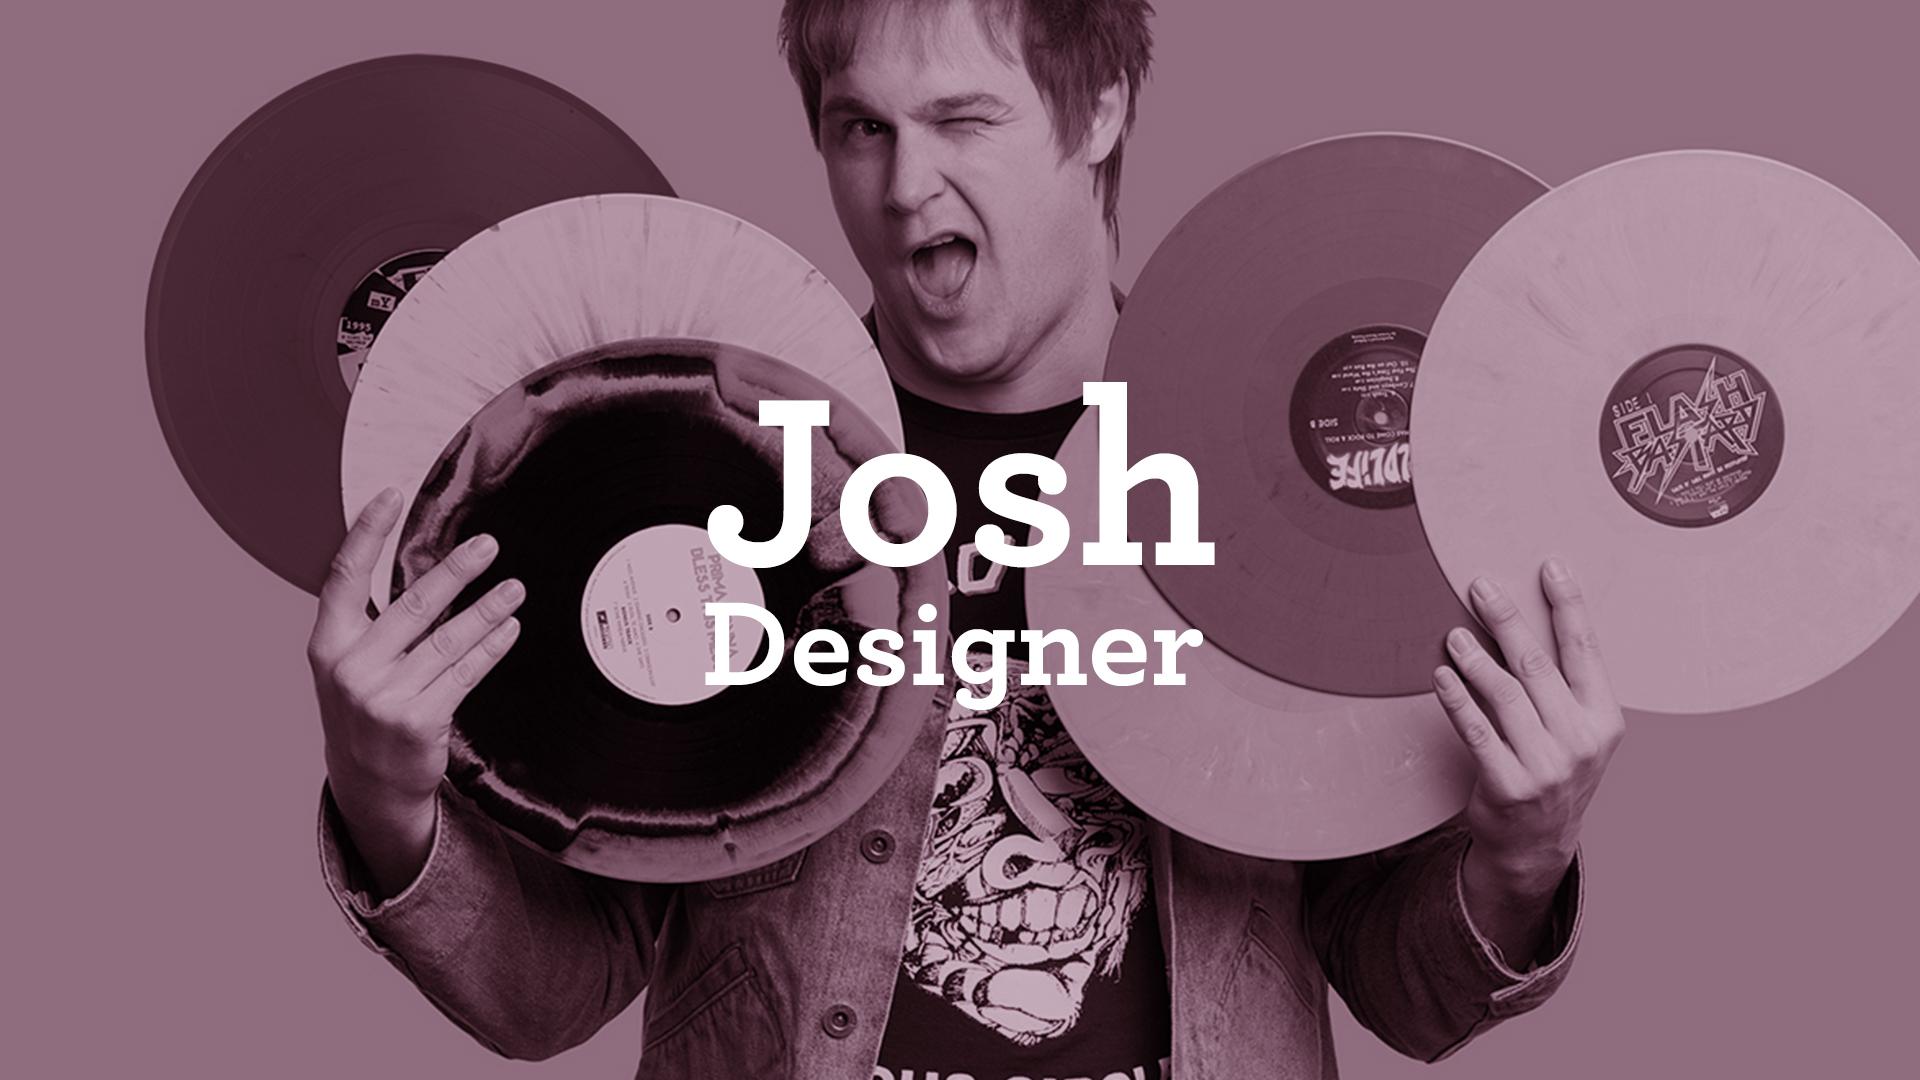 Josh Peach Snap